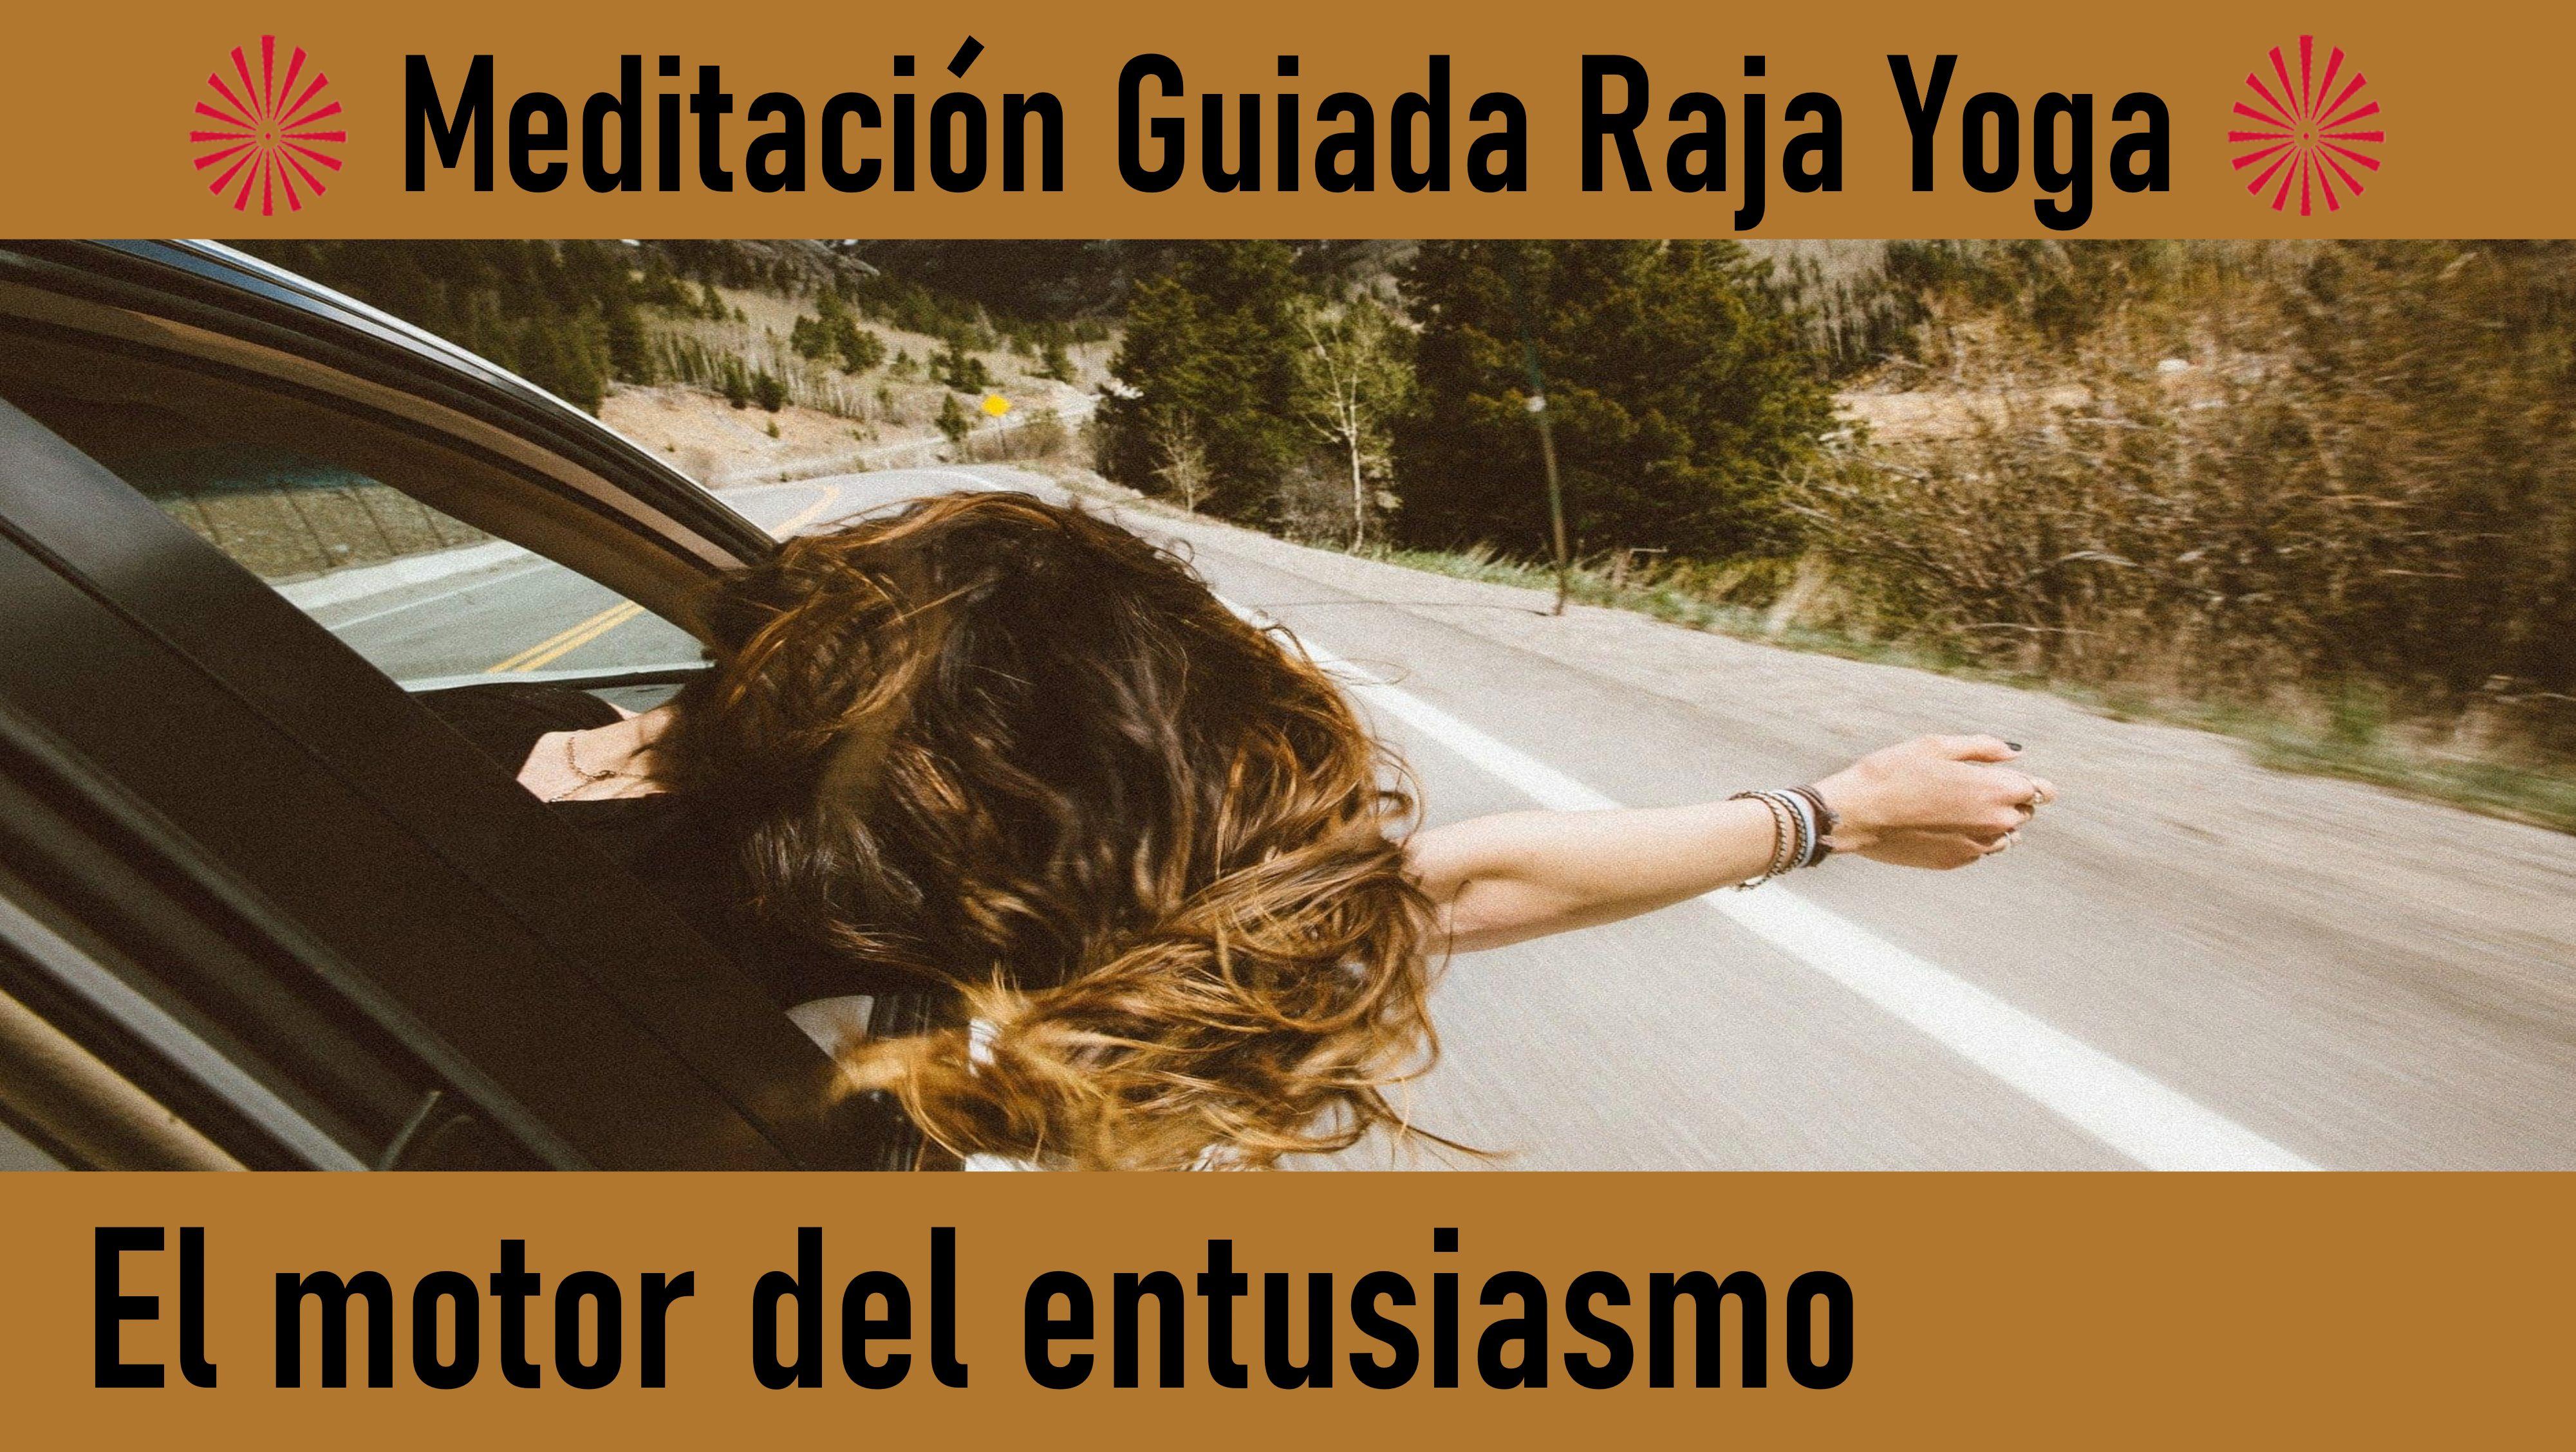 8 Junio 2020 Meditación Guiada; El motor del entusiasmo